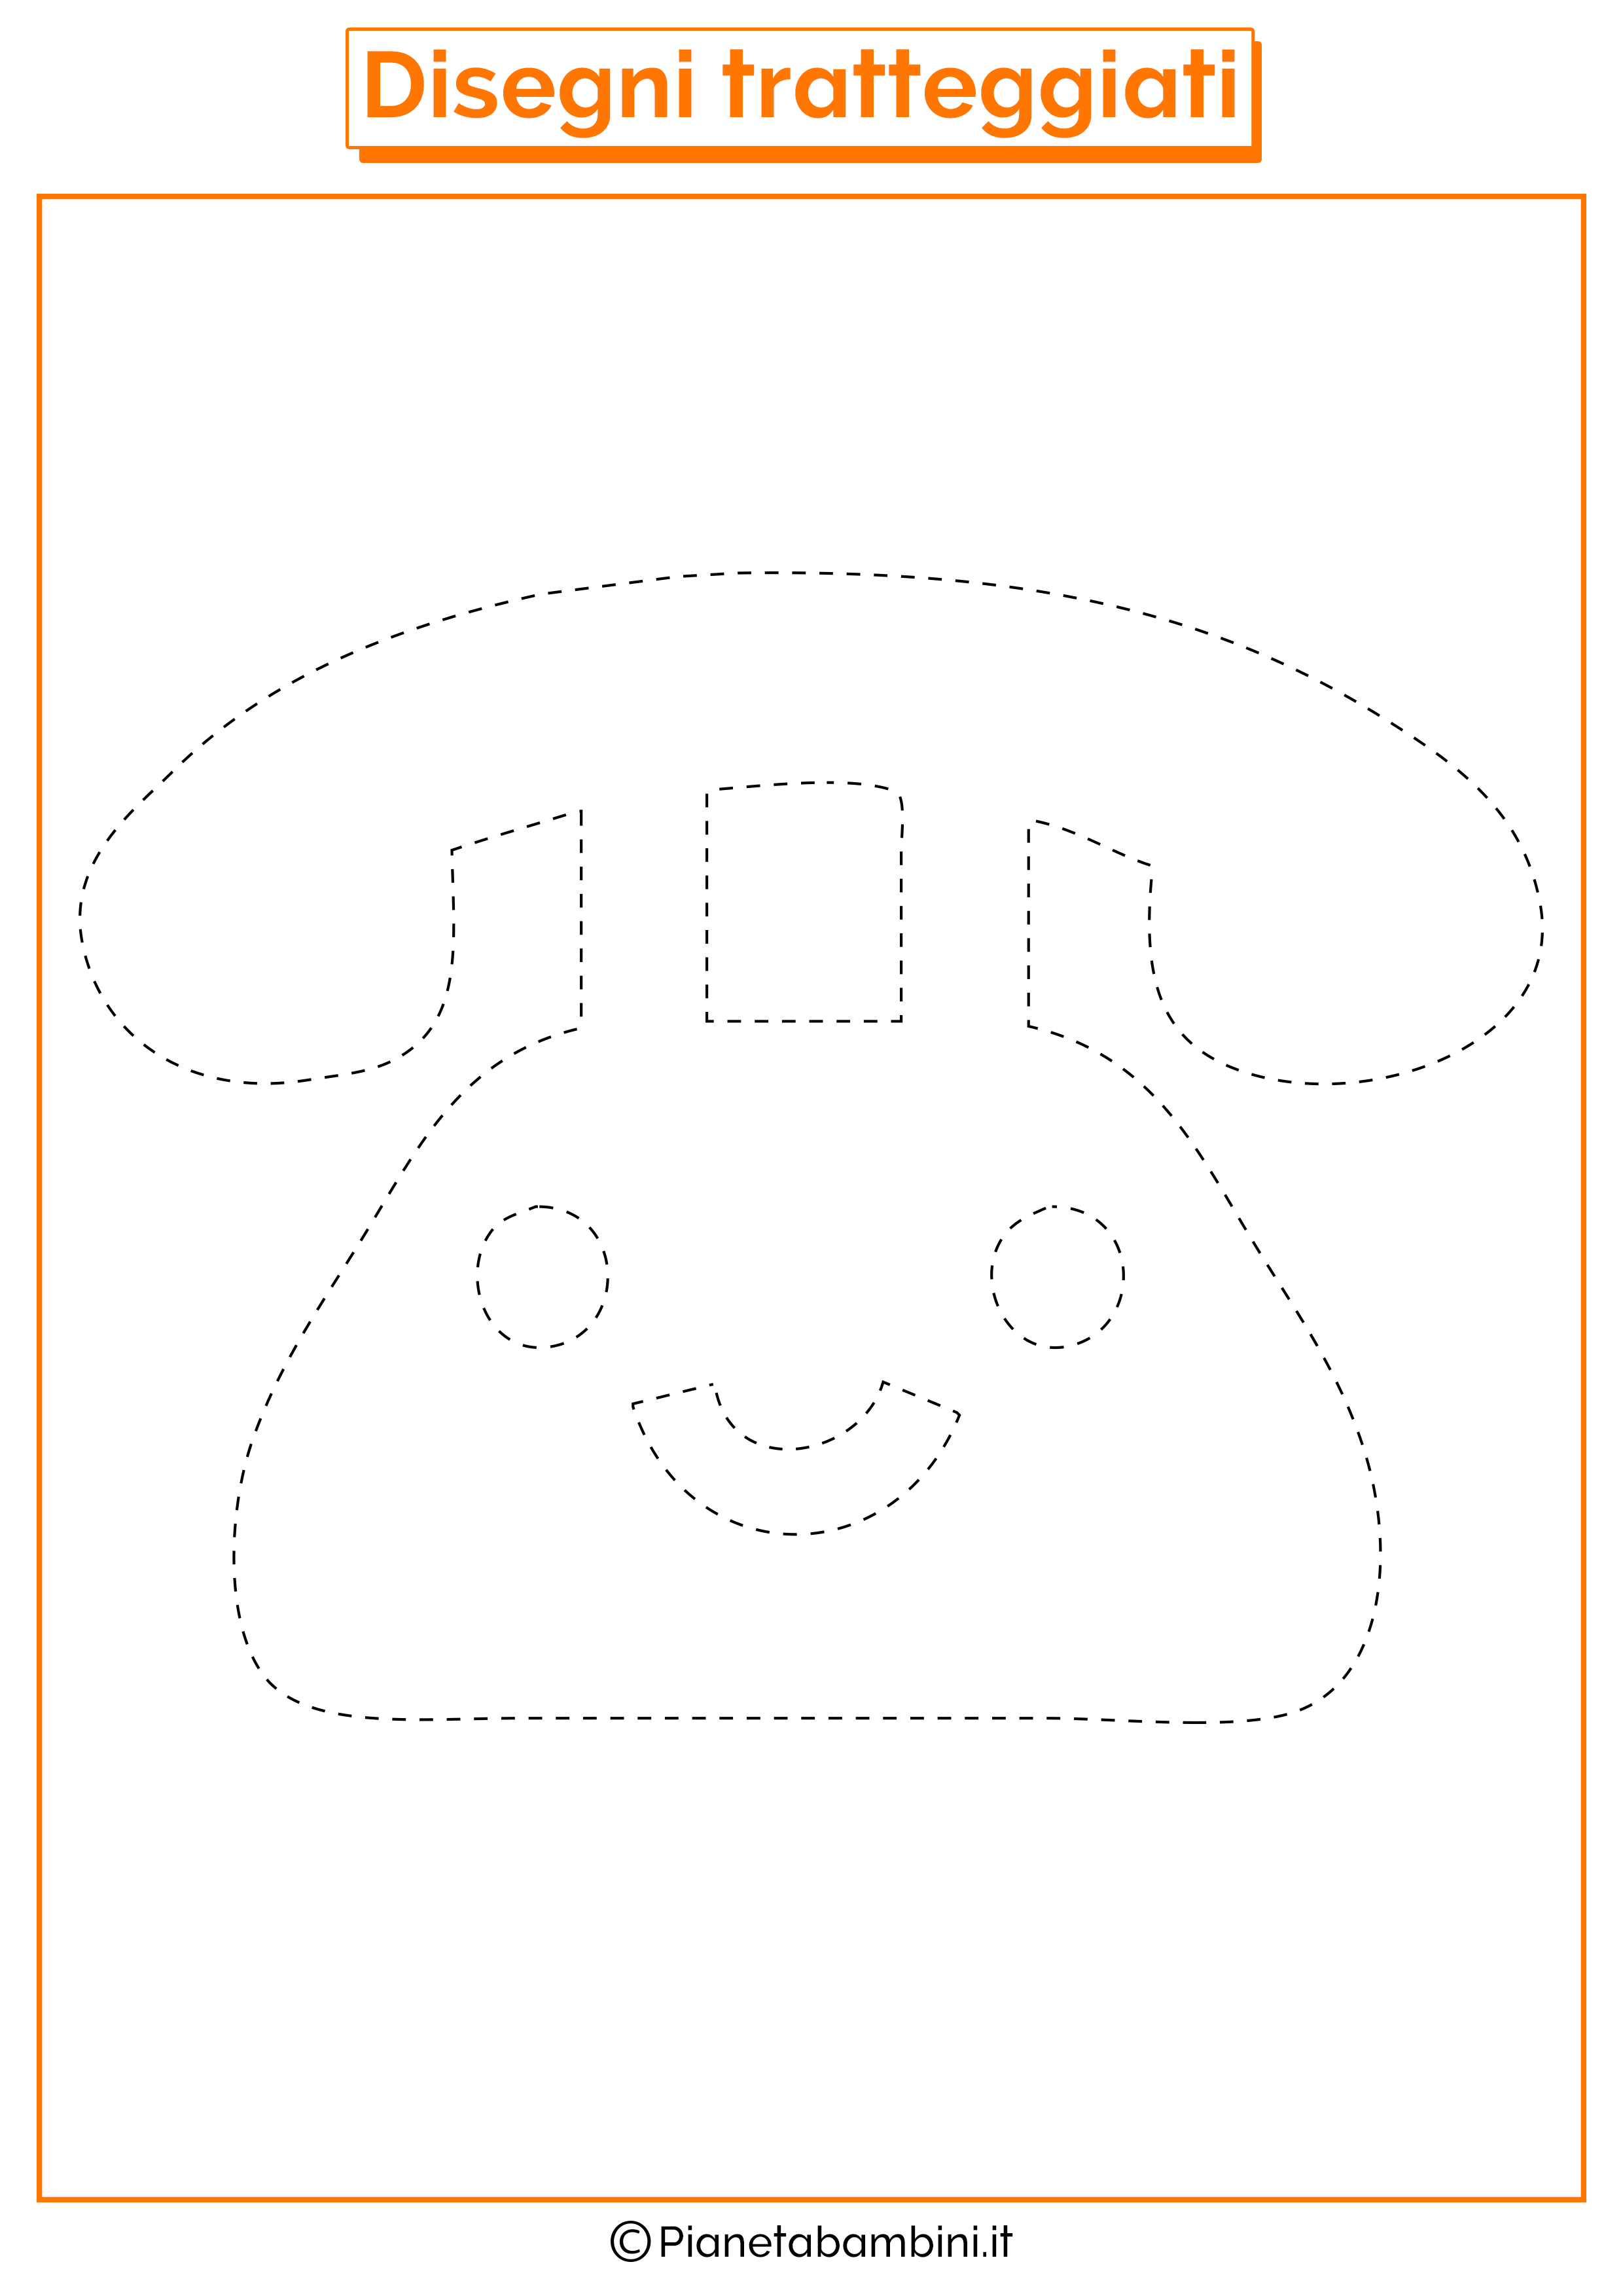 Disegni-Tratteggiati-Telefono